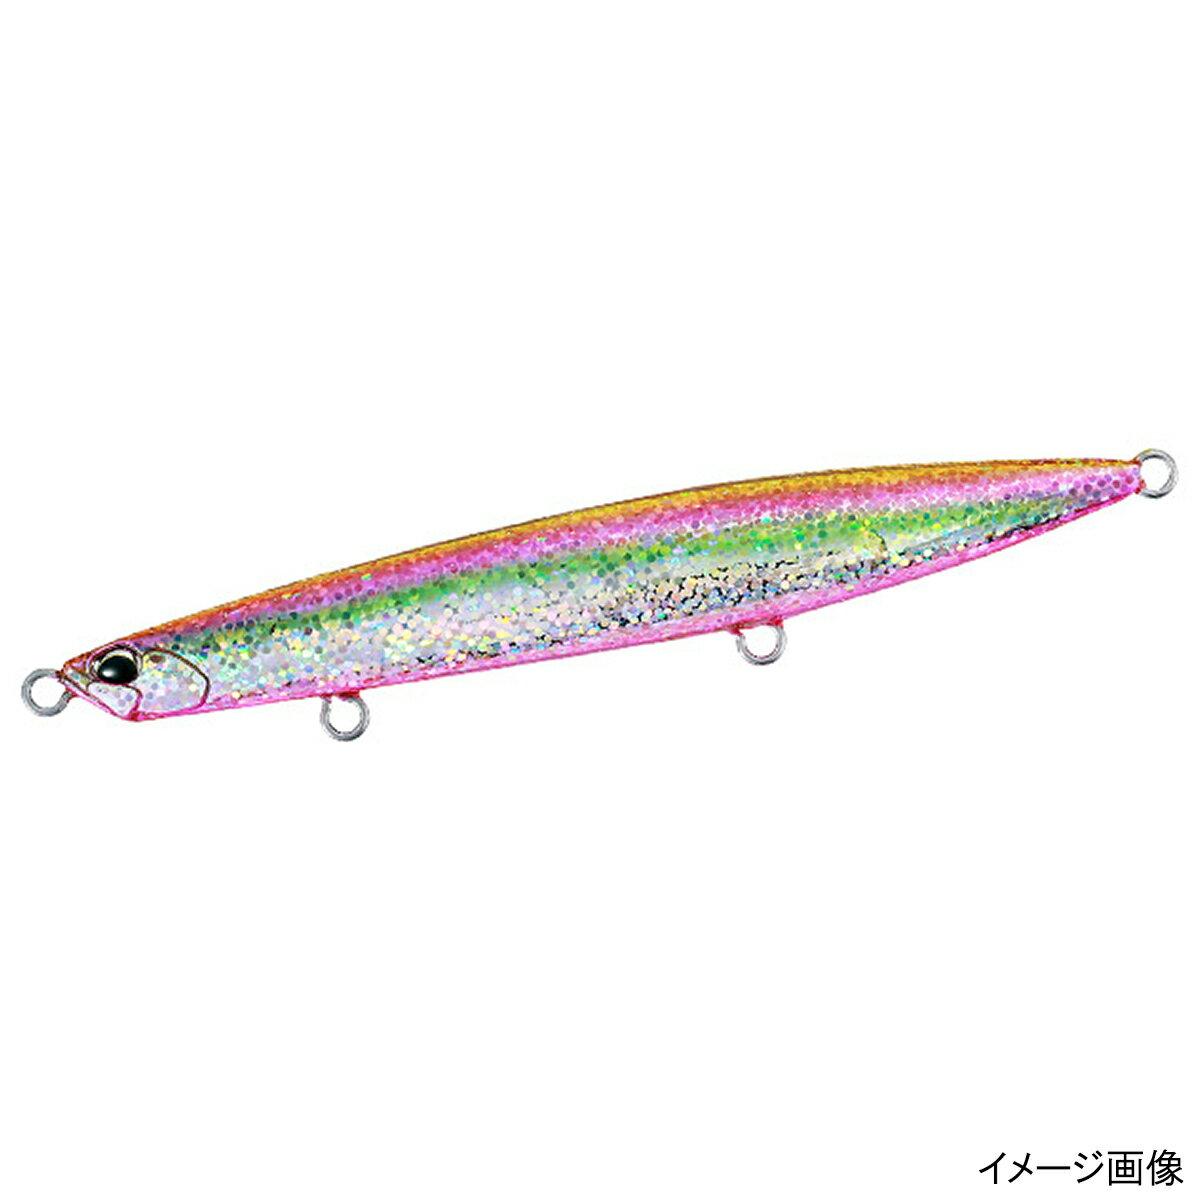 ビーチウォーカーウェッジCOAZ054高木レインボーDUO【ゆうパケット】